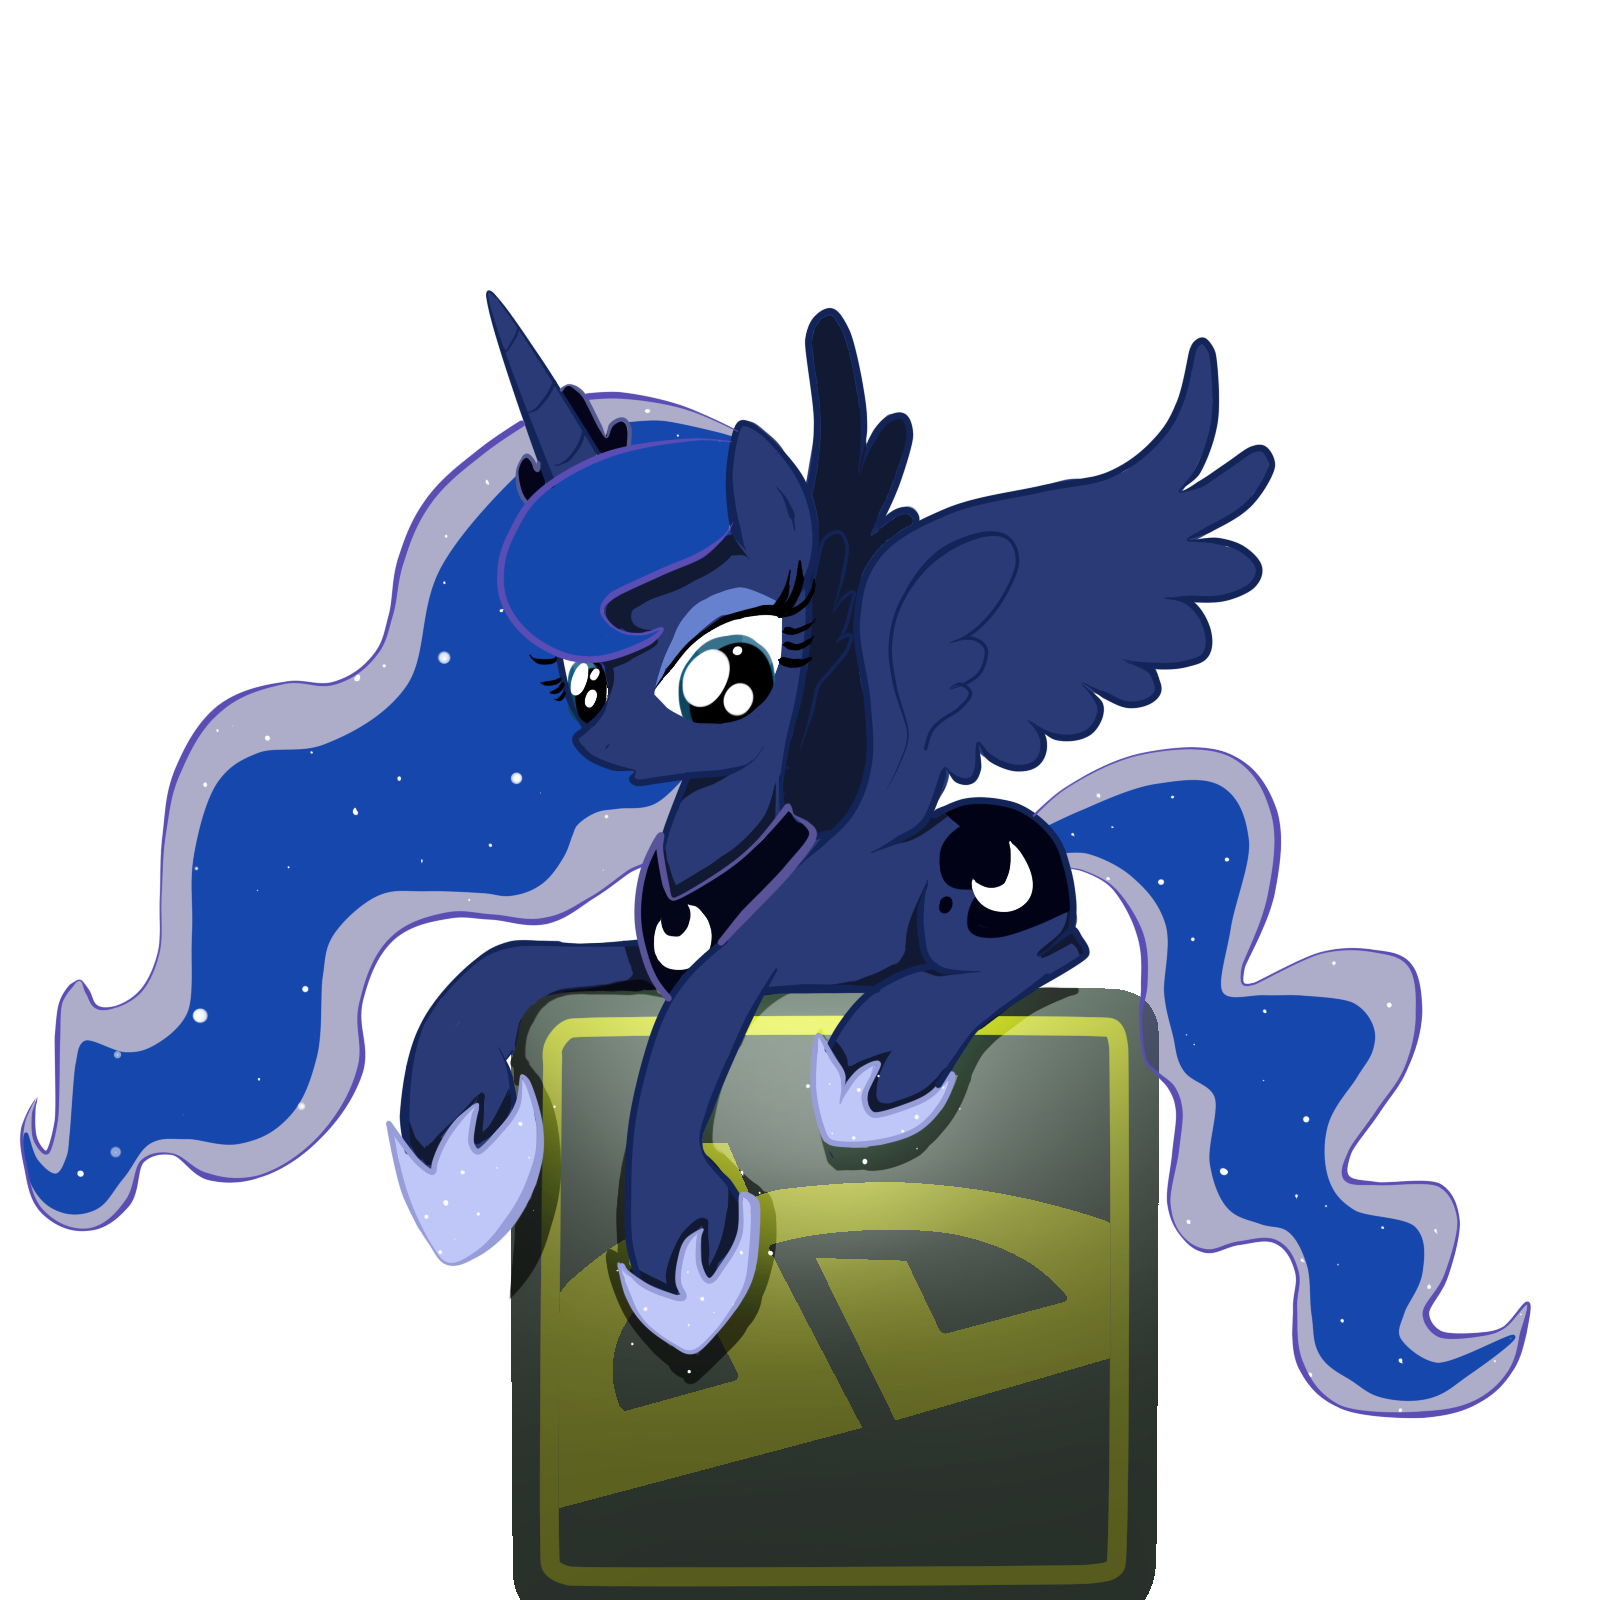 Luna's deviantart by strabArybrick